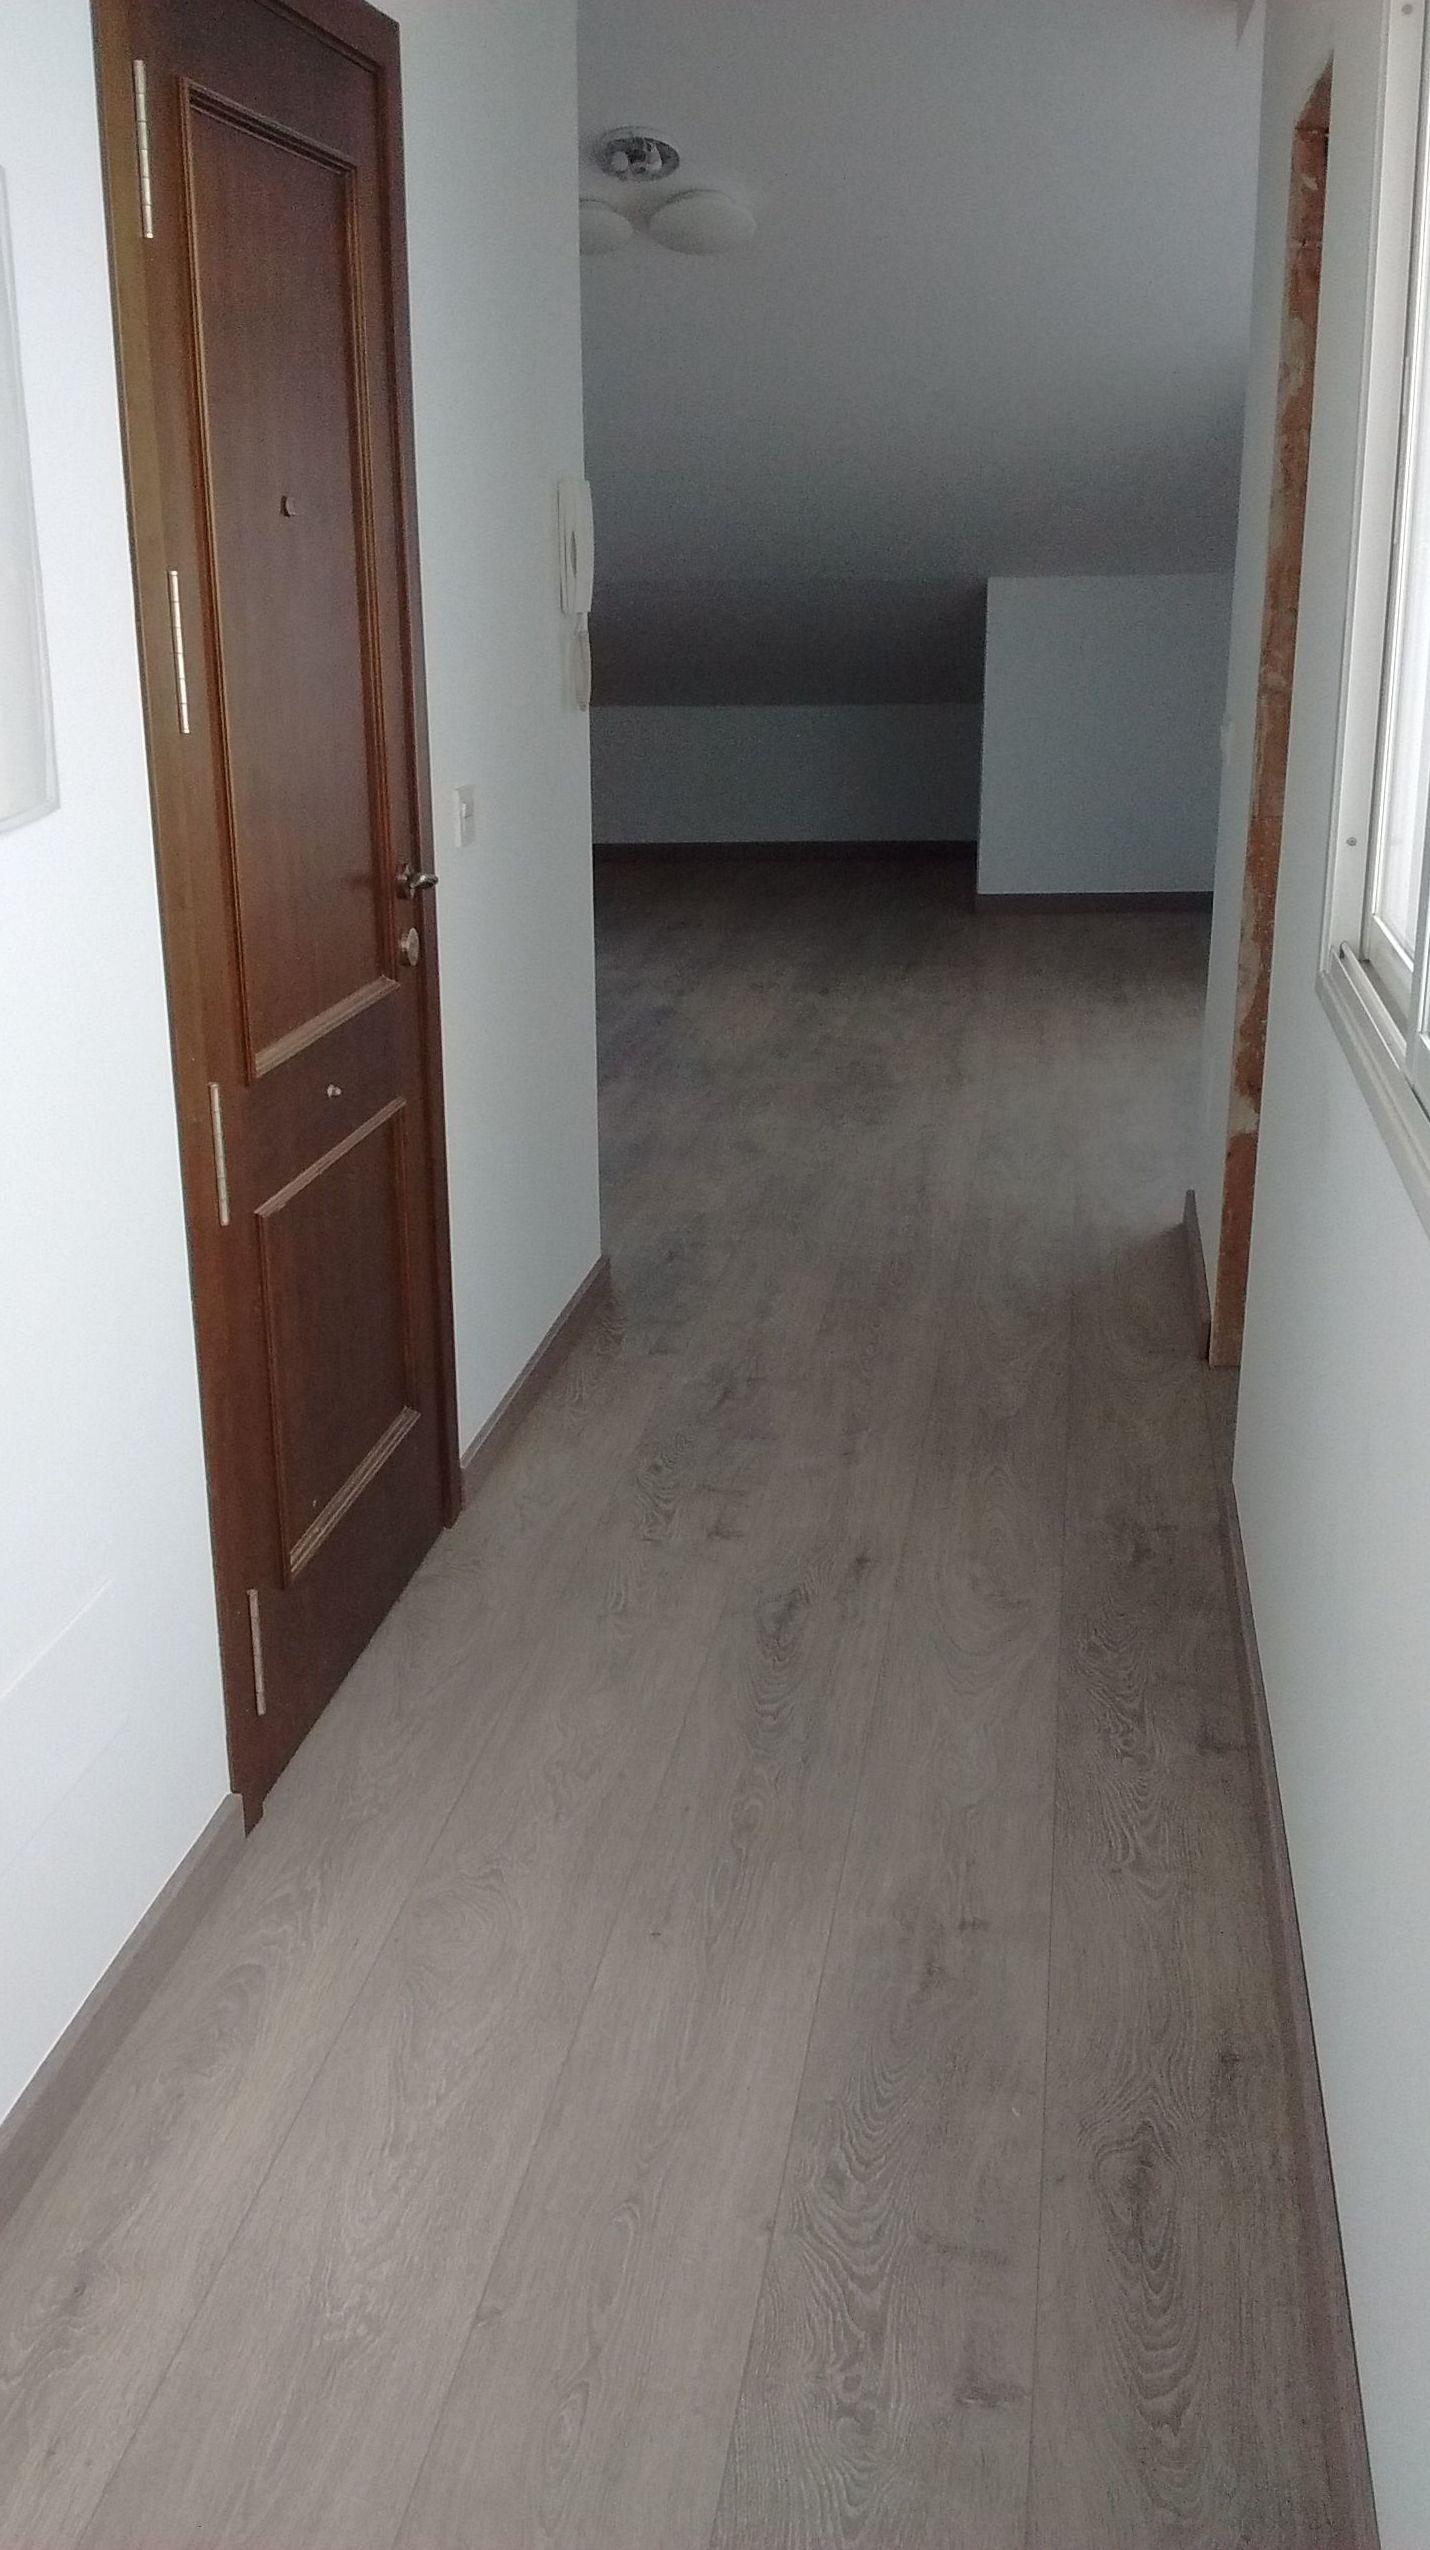 Alisado de paredes, nivelado con mortero autonivelante e instalación de suelo laminado.